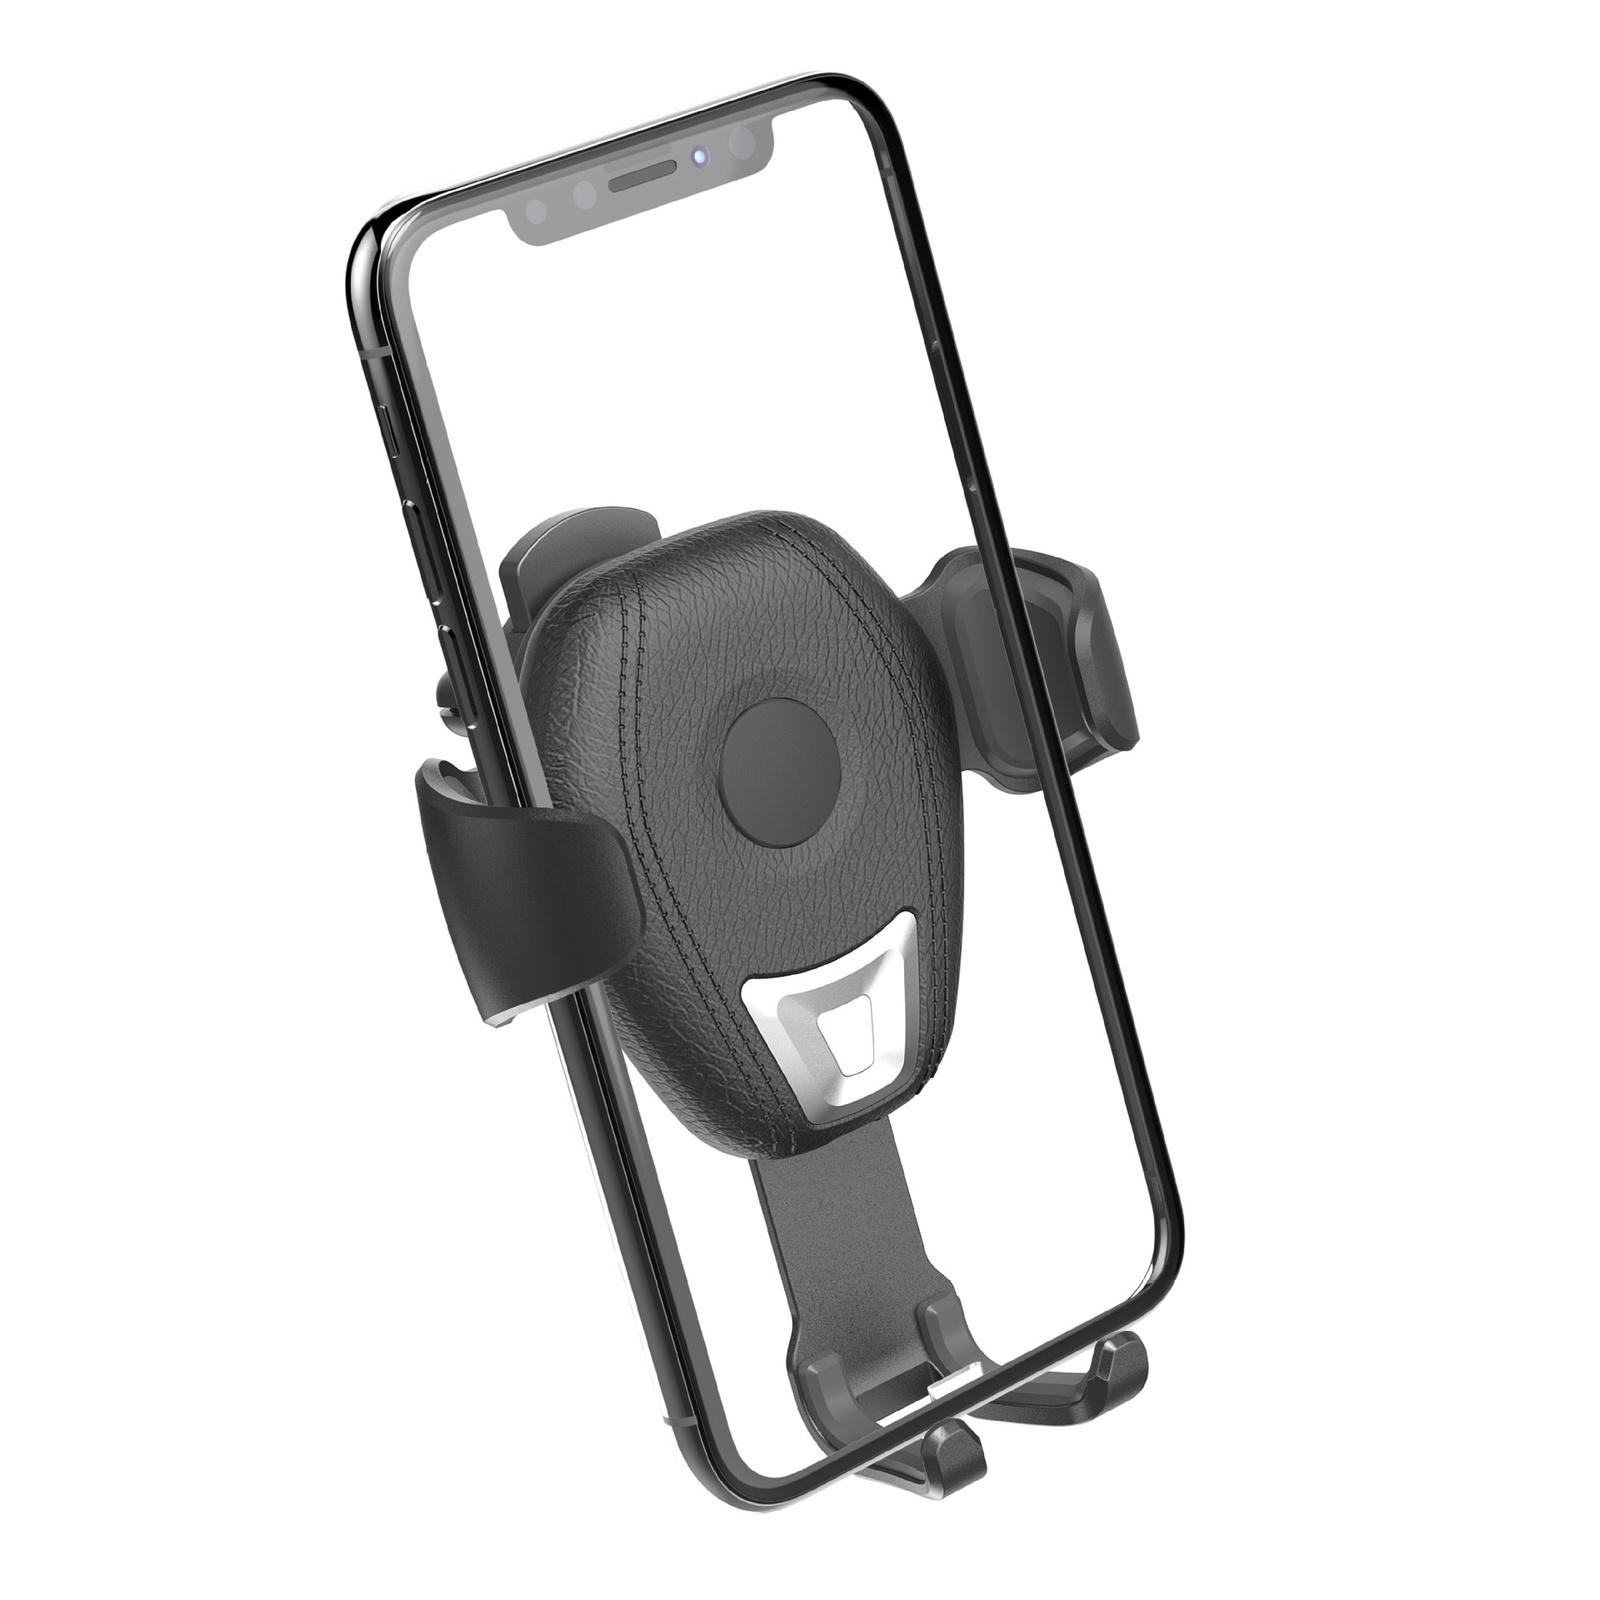 Фото - Беспроводное автомобильное зарядное устройство, черный беспроводное автомобильное зарядное устройство черный